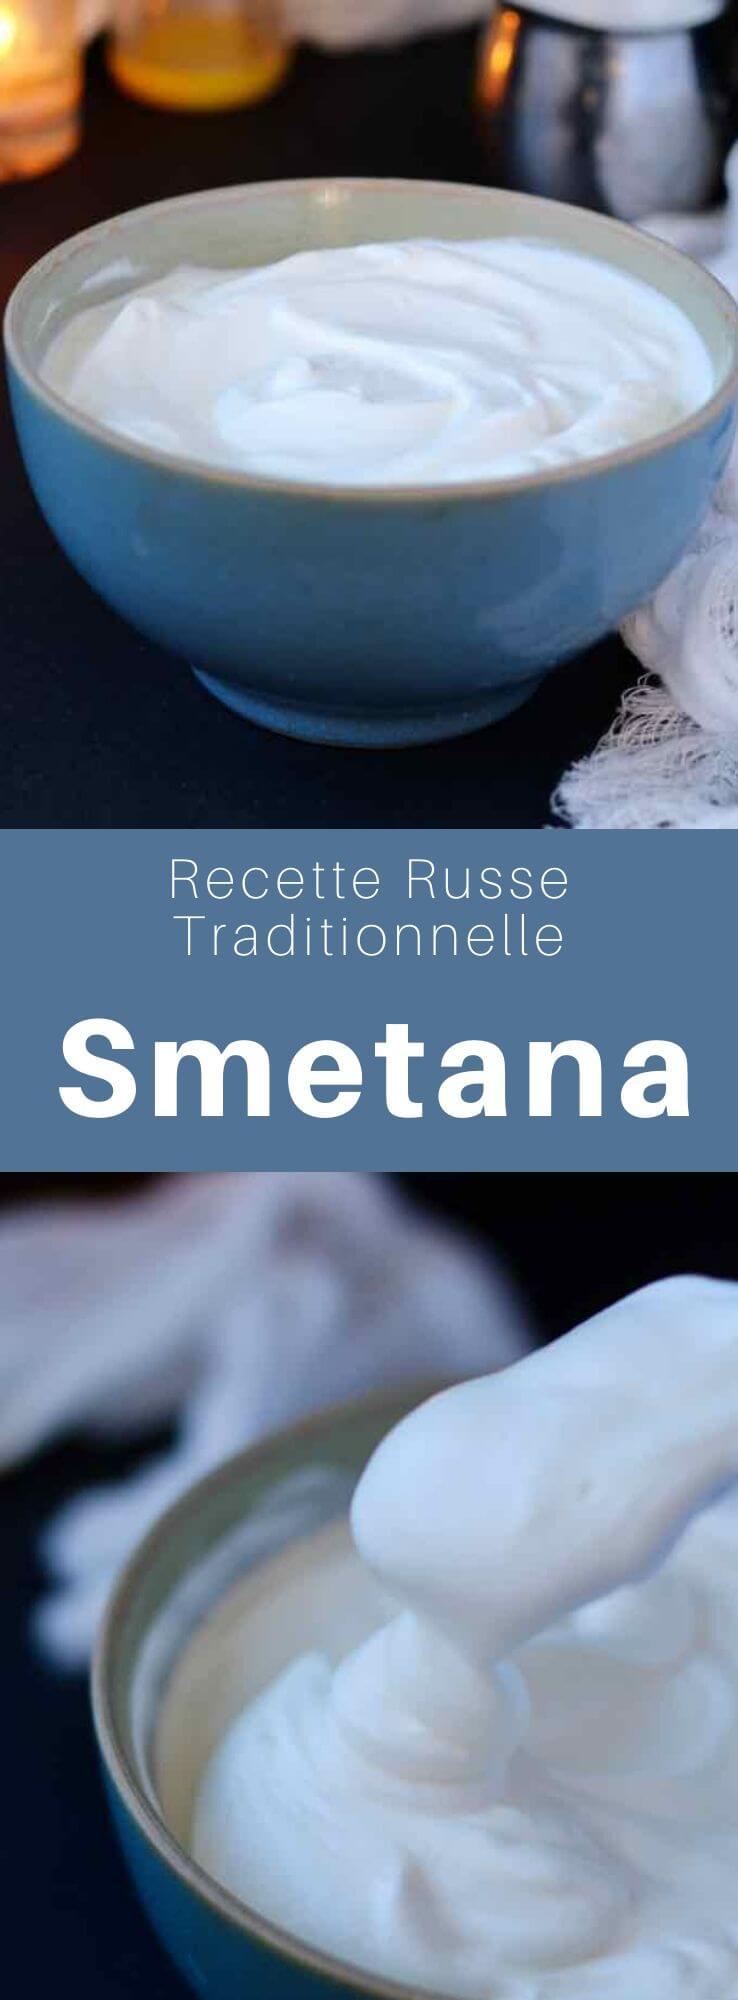 La smetana est un produit laitier crémeux soumis à une fermentation lactique, largement utilisé en Russie et dans la région, équivalente à la crème sure. #Russie #RecetteRusse #CuisineRusse #CuisineDuMonde #196flavors